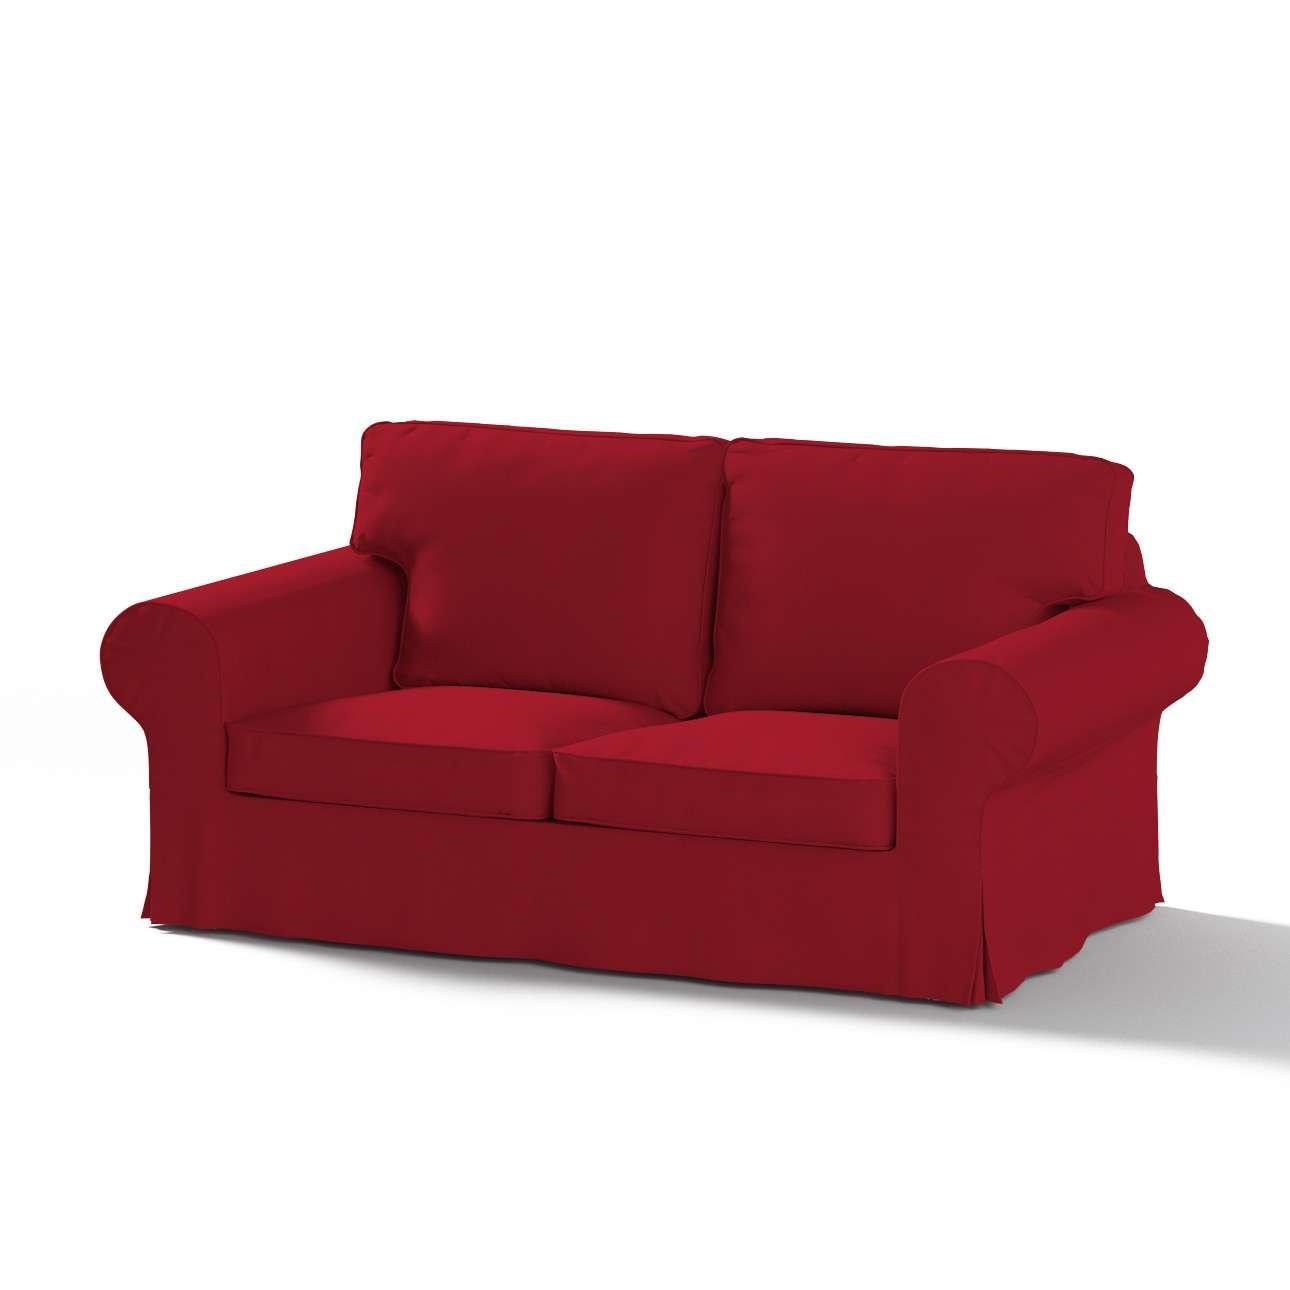 Ektorp 2-Sitzer Sofabezug nicht ausklappbar Sofabezug für  Ektorp 2-Sitzer nicht ausklappbar von der Kollektion Chenille , Stoff: 702-24